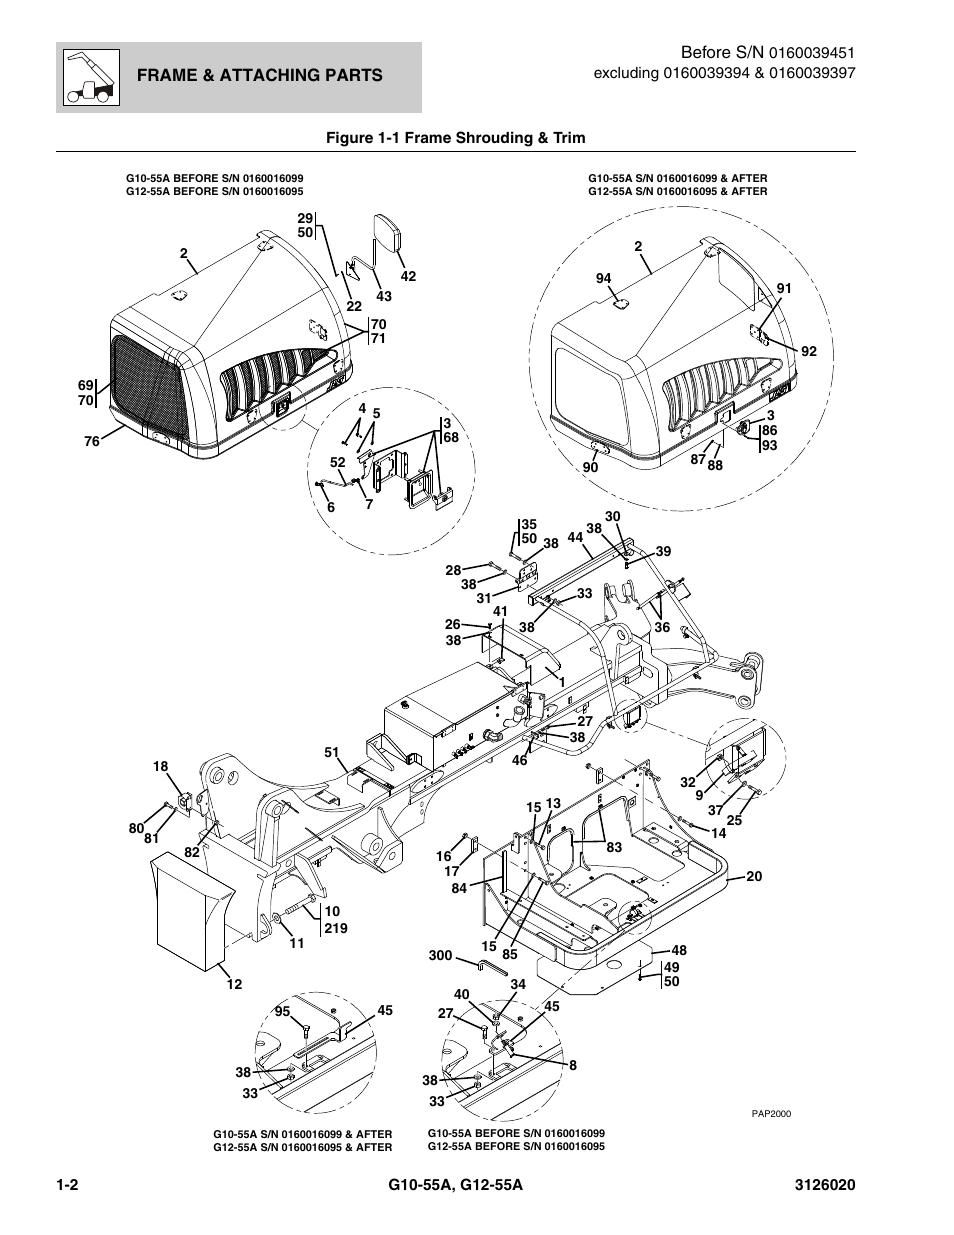 Figure 1-1 frame shrouding & trim, Frame shrouding & trim